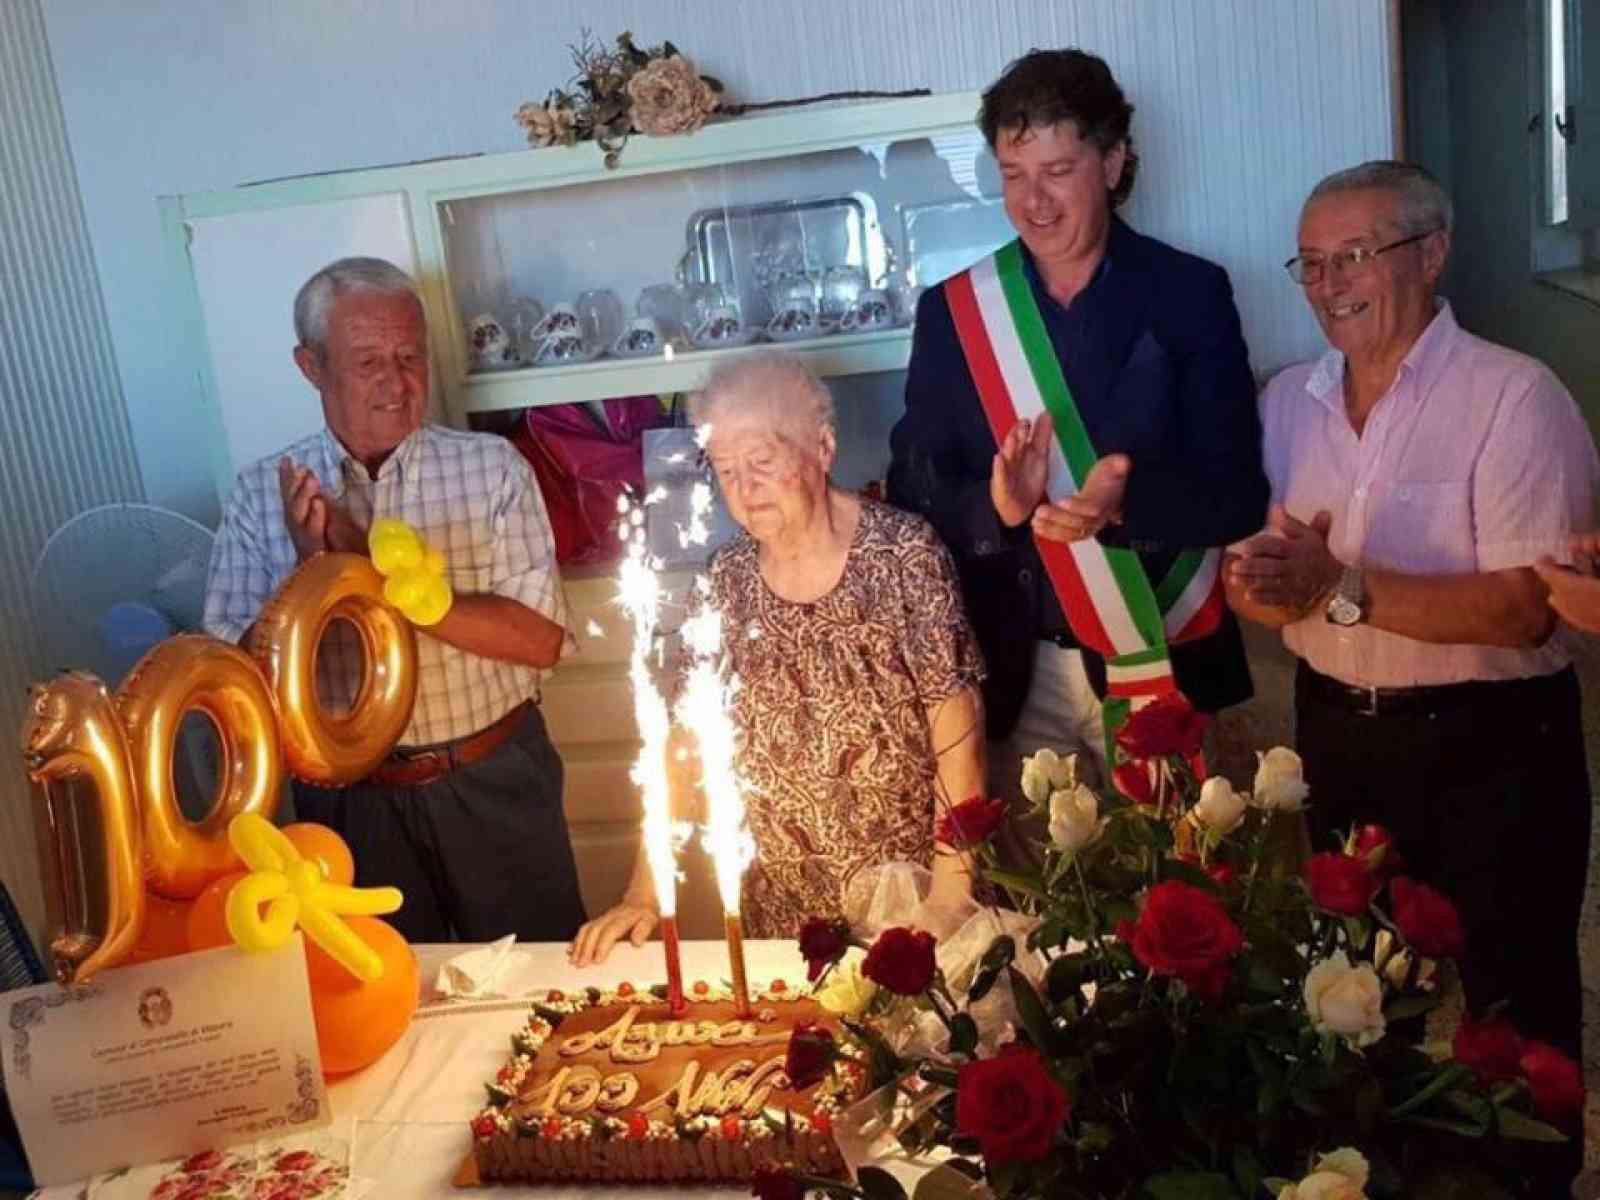 Immagine articolo: Cento candeline per la nonnina Pantaleo. La lettura e l'arte sartoriale le sue grandi passioni